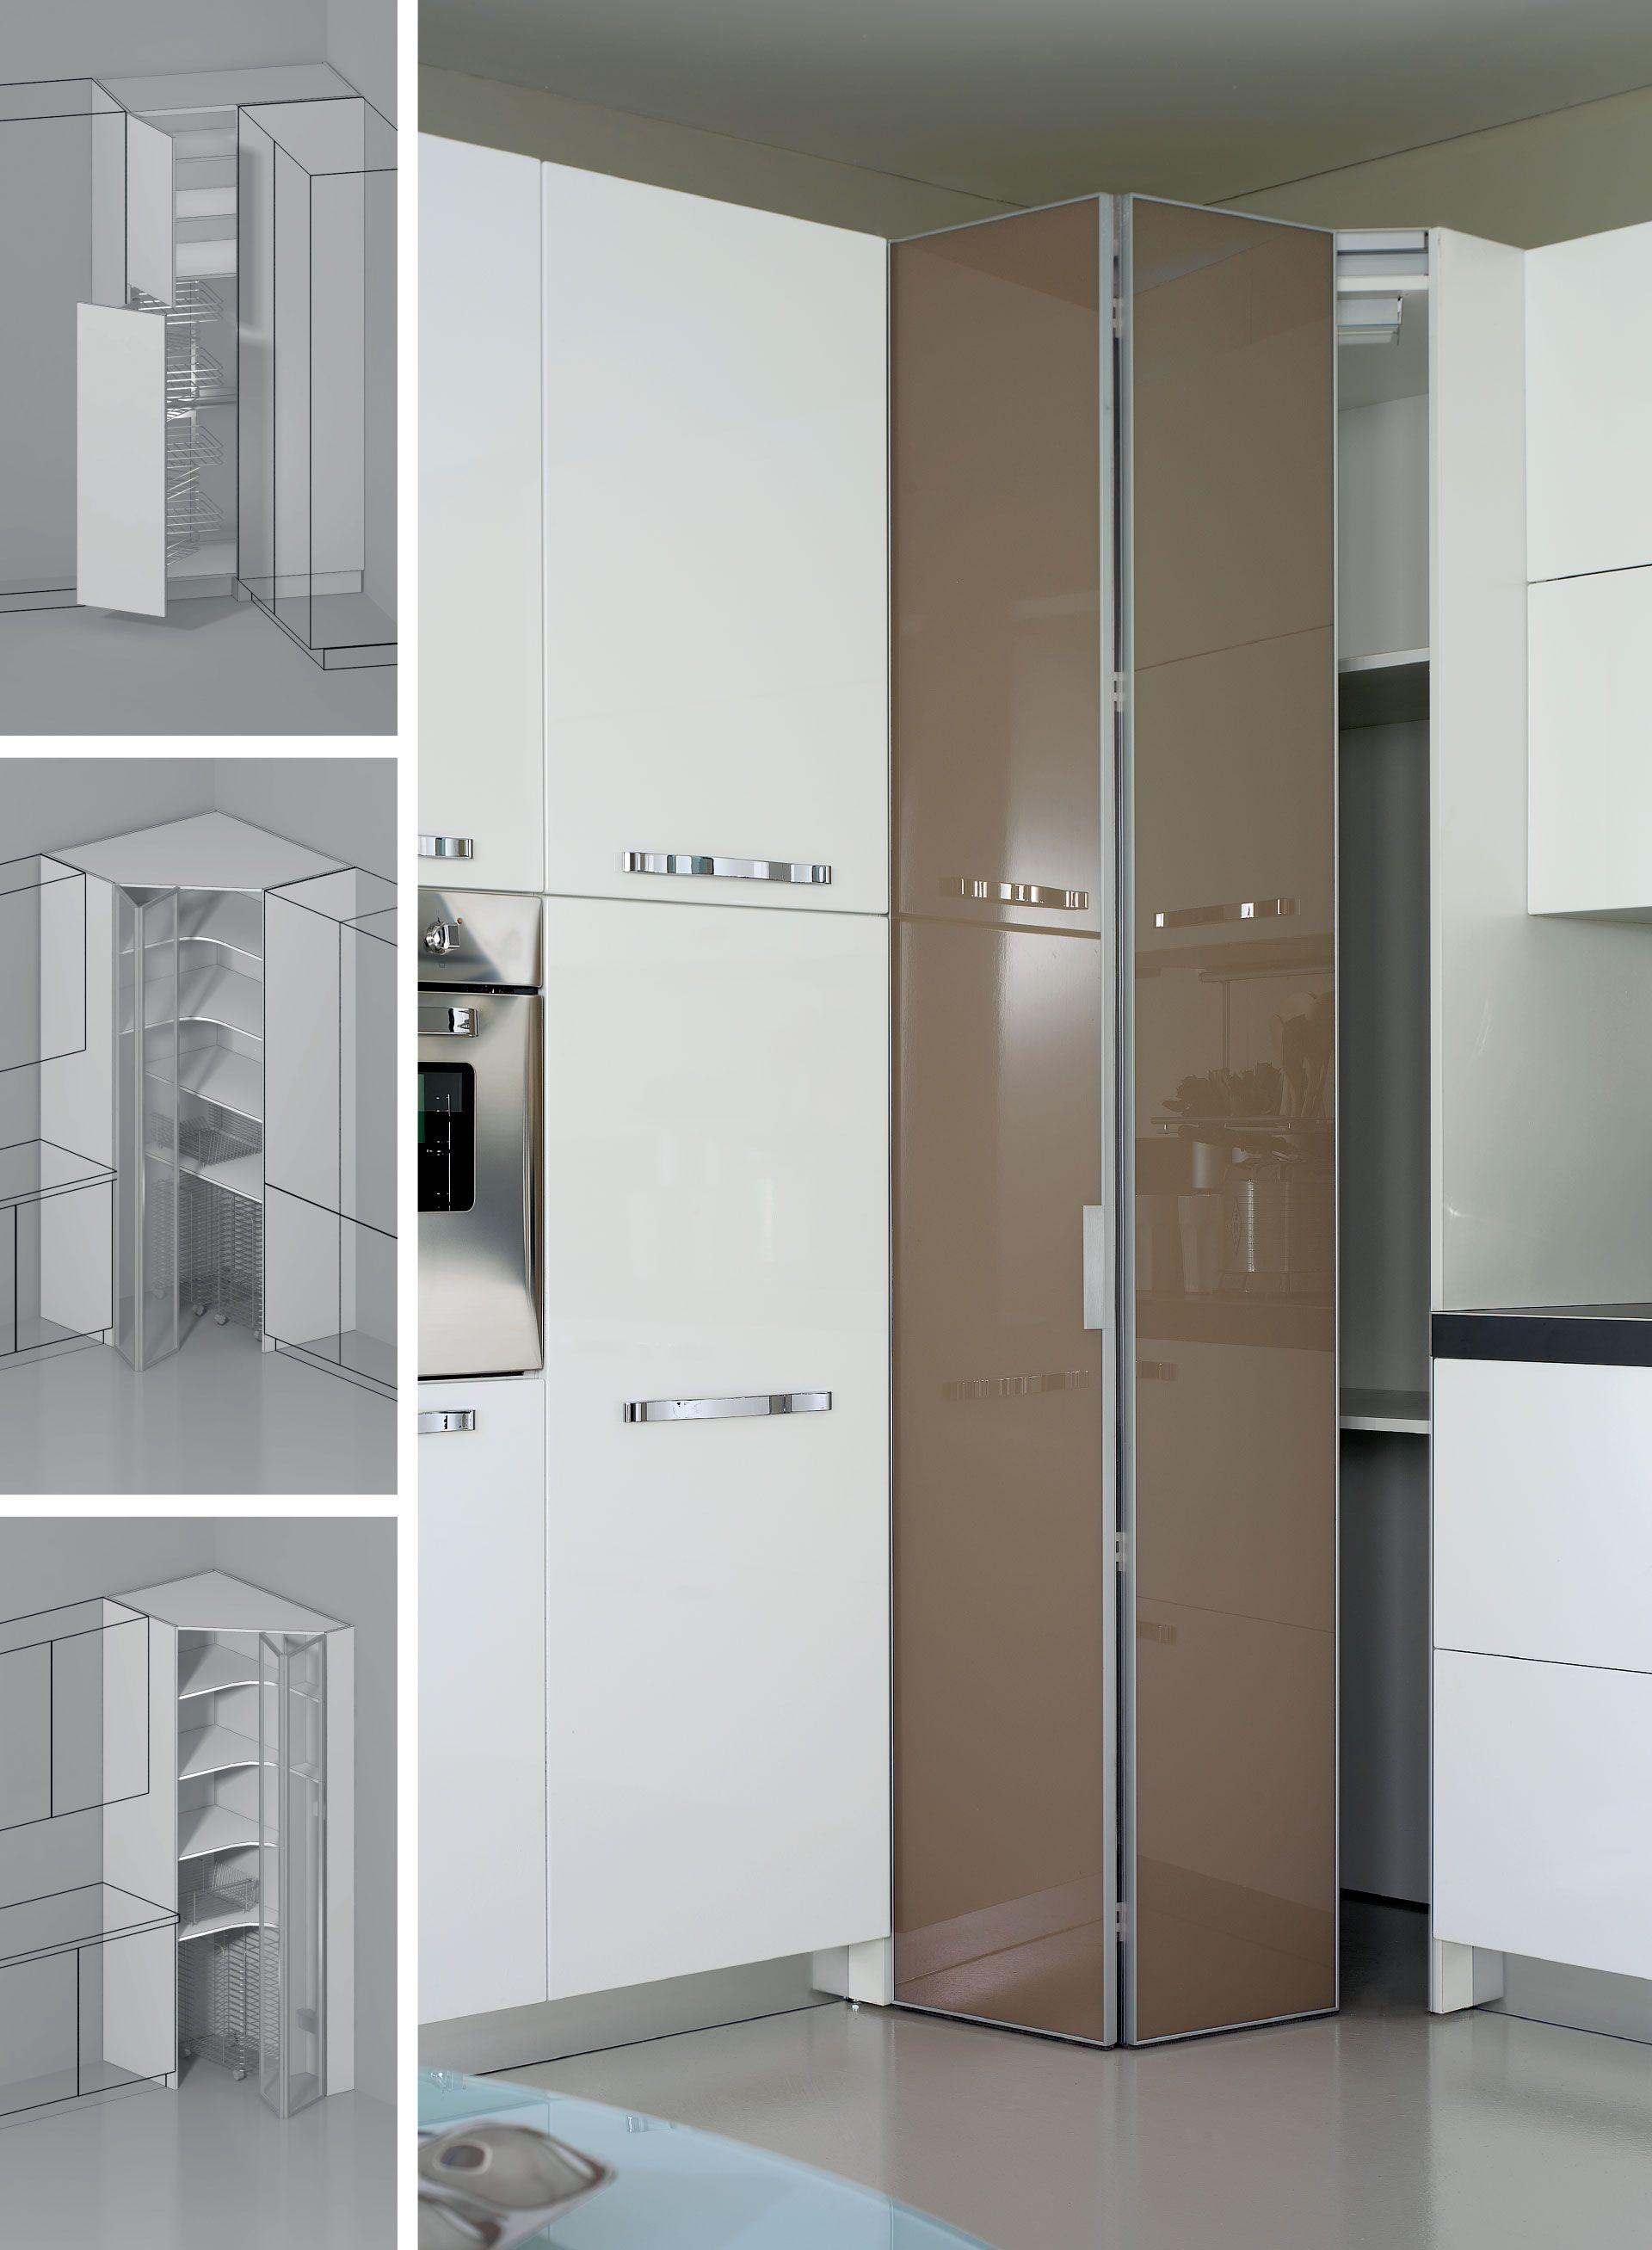 Immagine idee per la casa nel 2019 cucine dispensa for Ikea dispensa